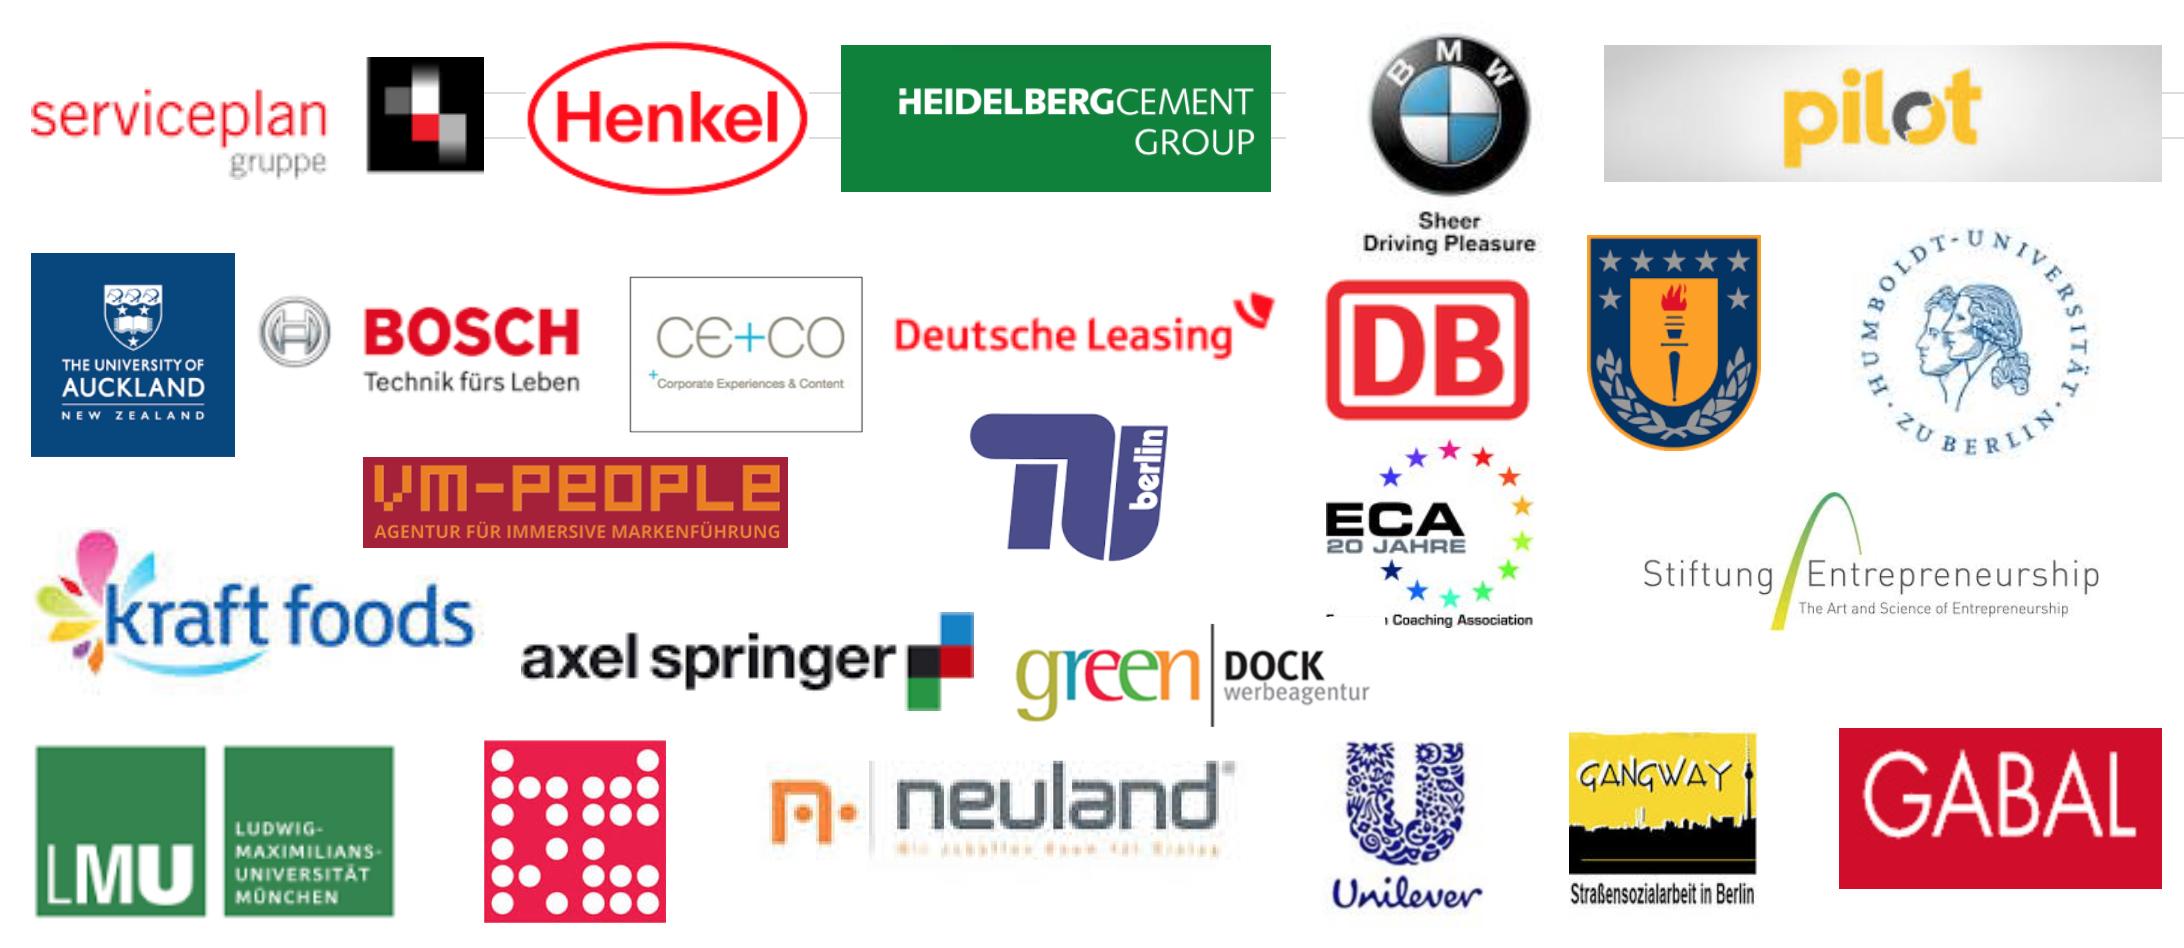 Gesamtbild Logos def Unternehmen.jpg